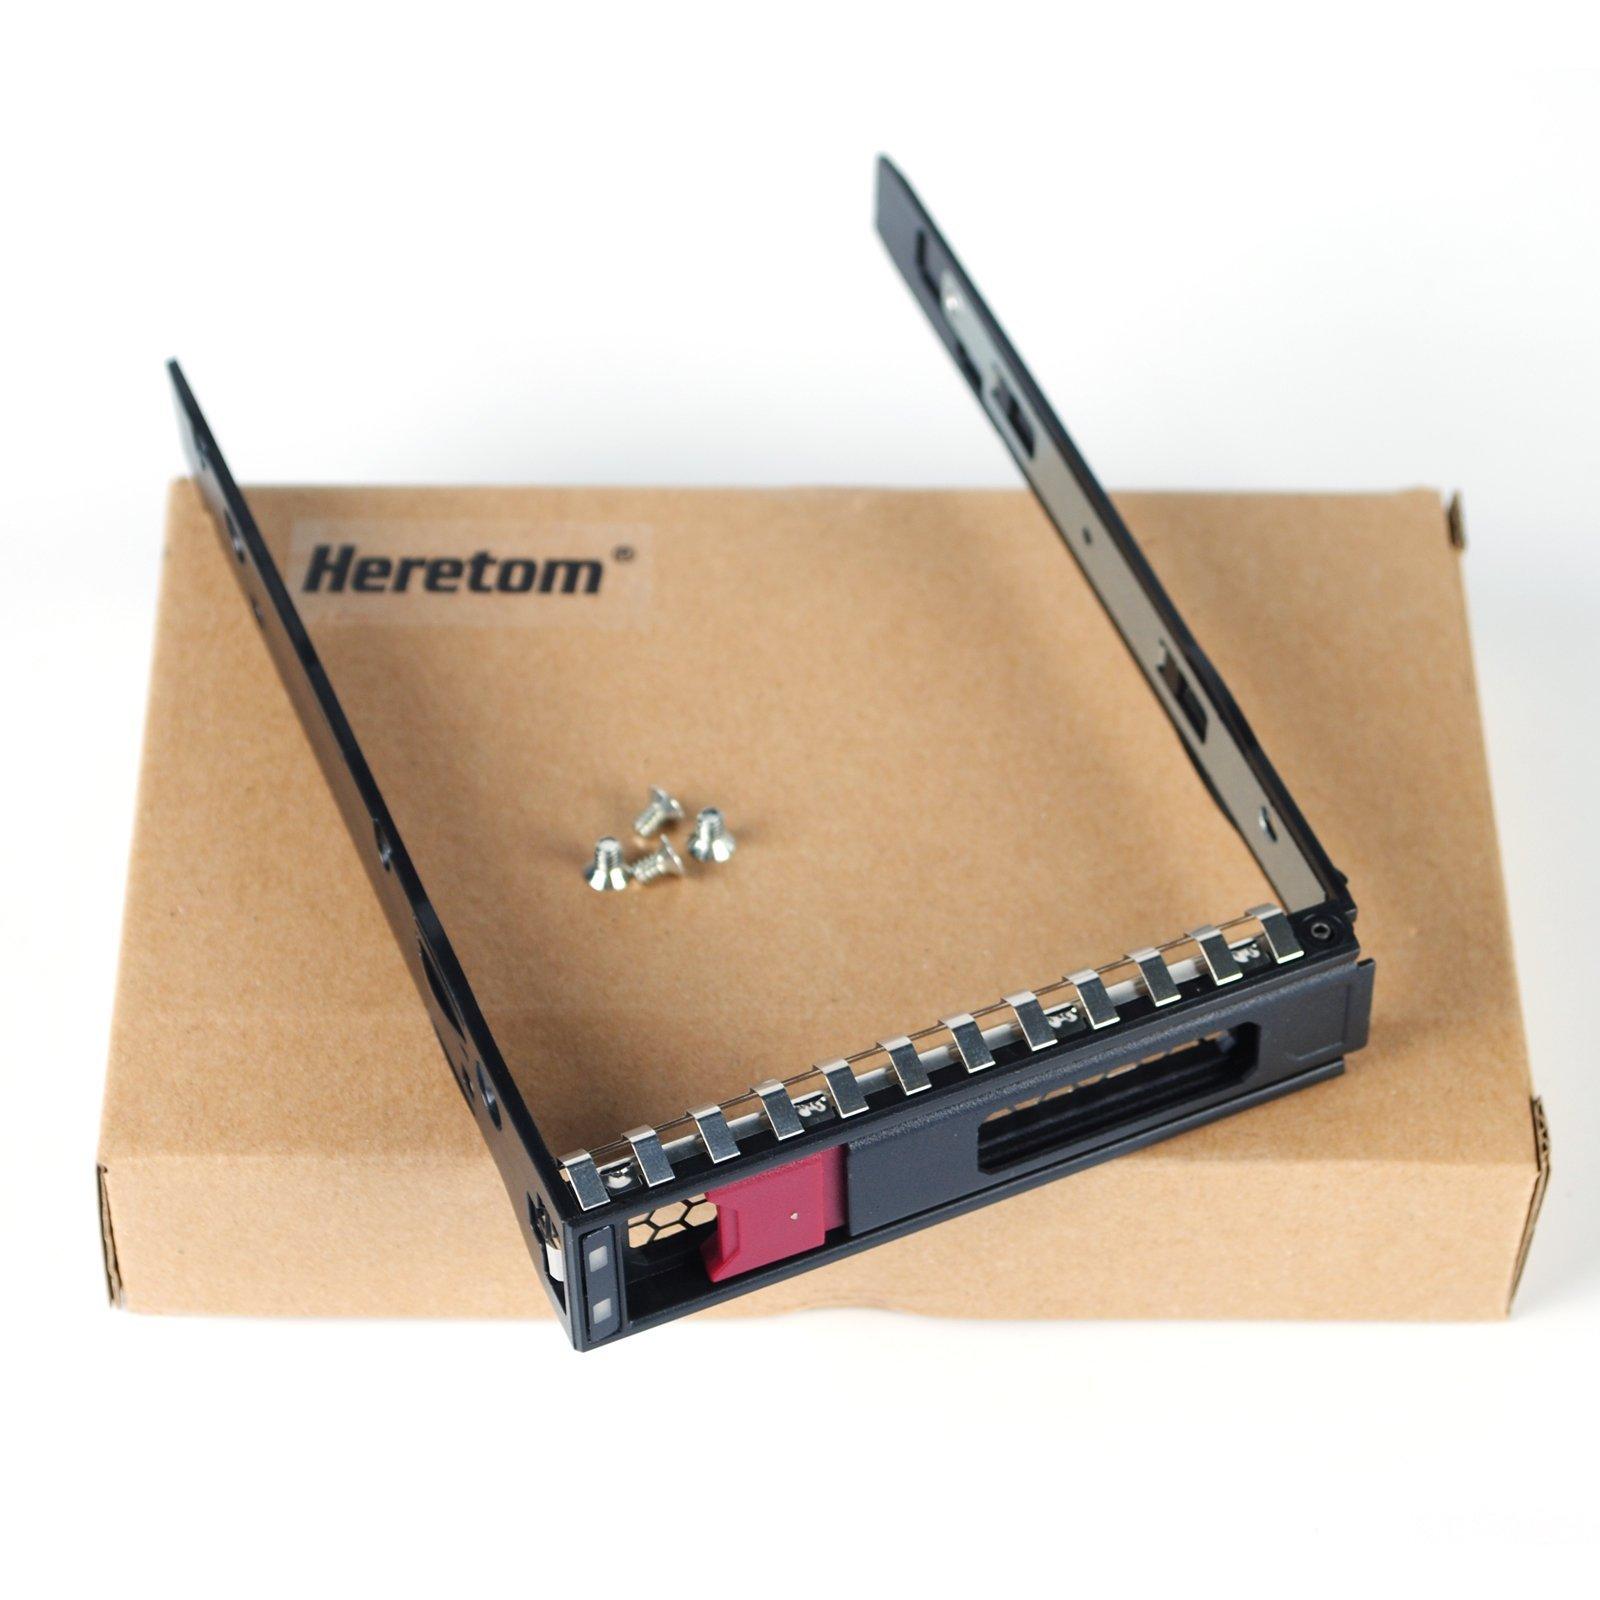 Heretom 3.5'' LFF SAS SATA Drive Tray Caddy Hot-Swap 774026-001 for HP Apollo 4200 4510 1650